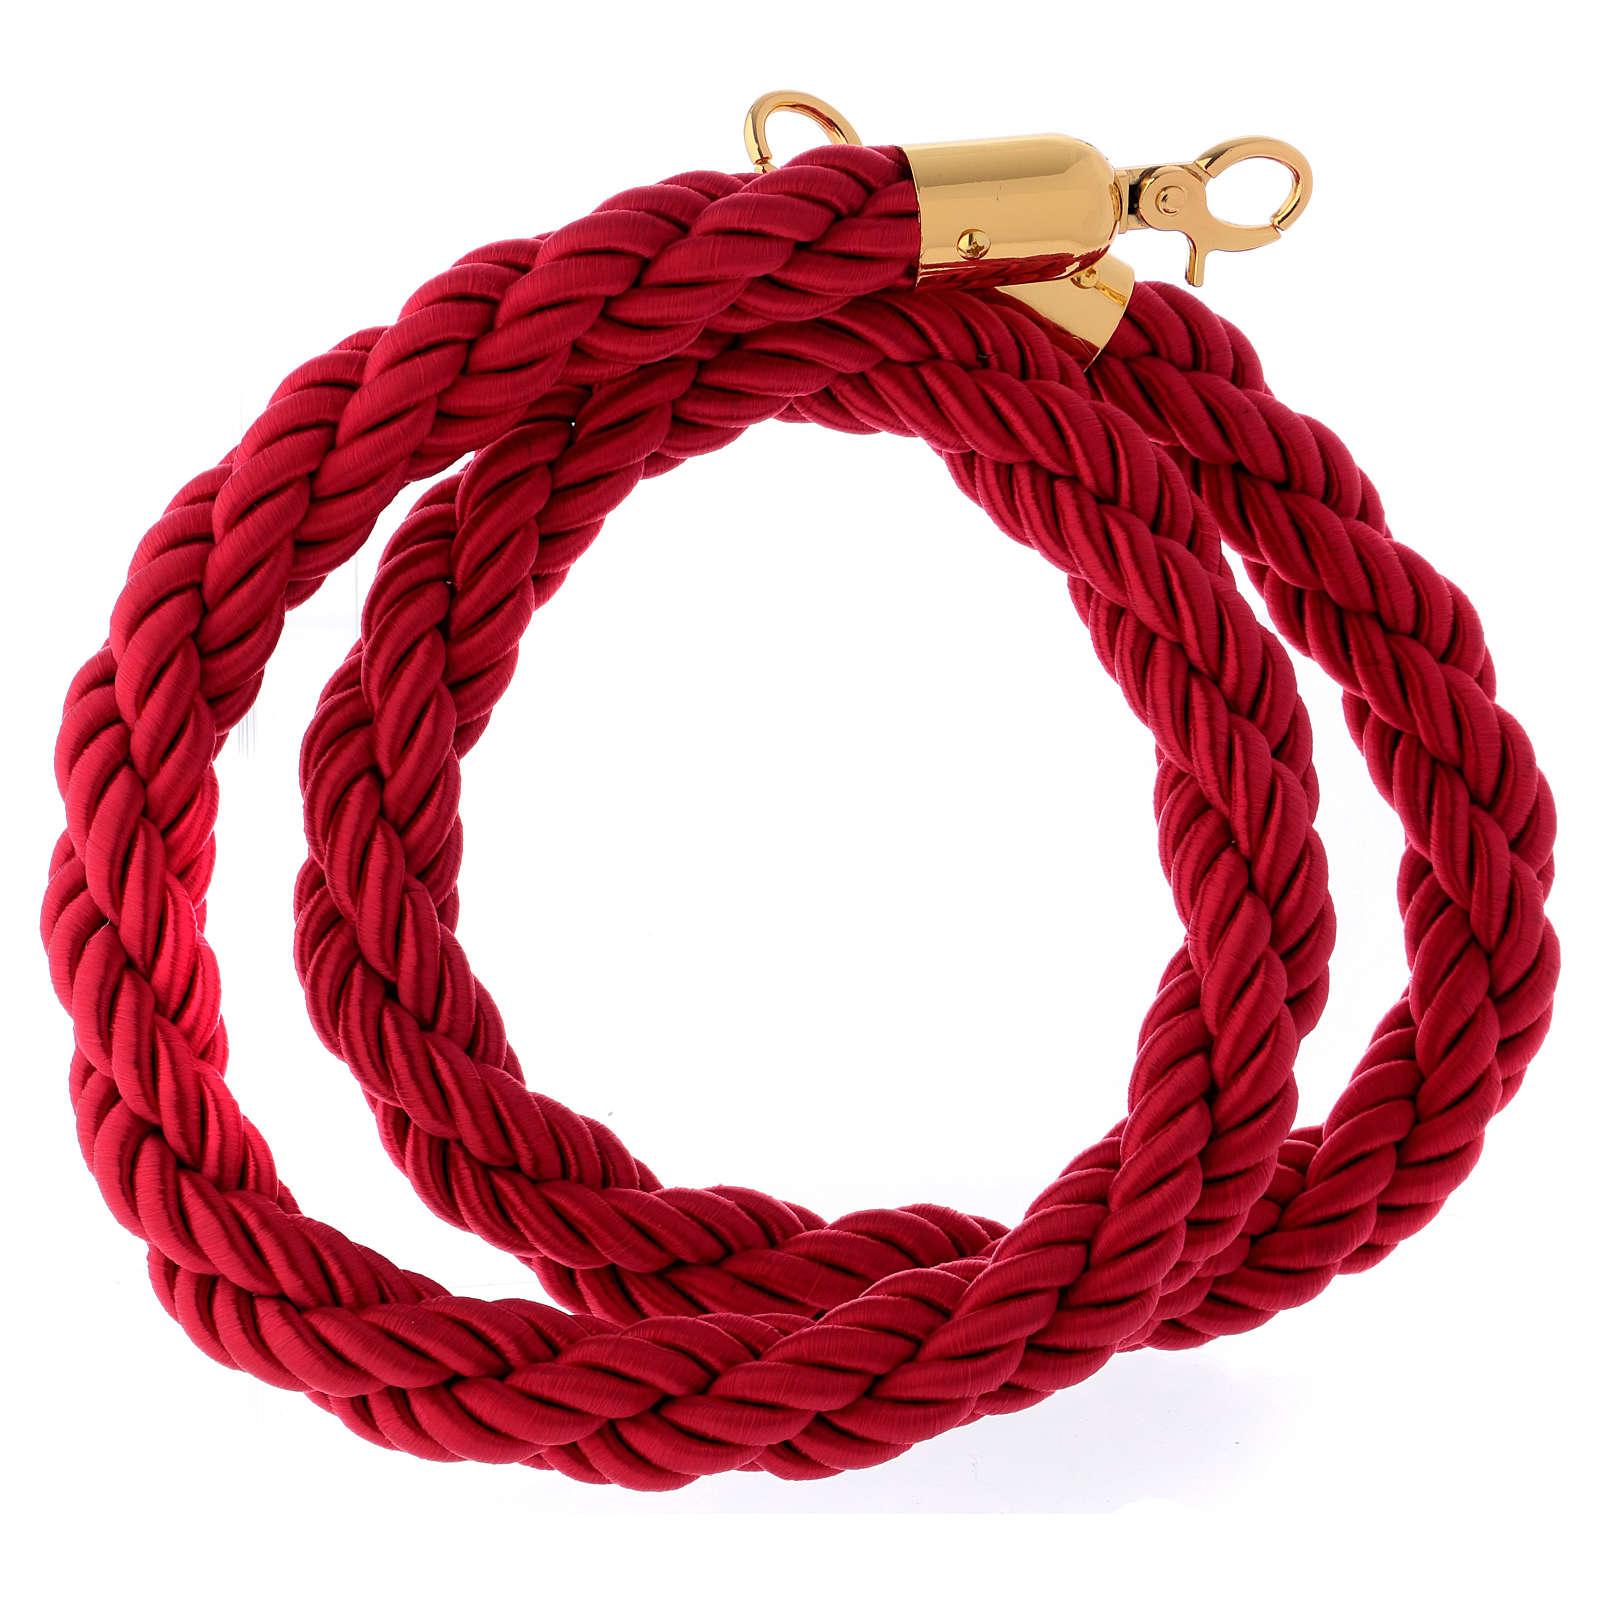 Cordon bordeaux tressé triple avec crochets 150 cm pour poteau AV000102 3